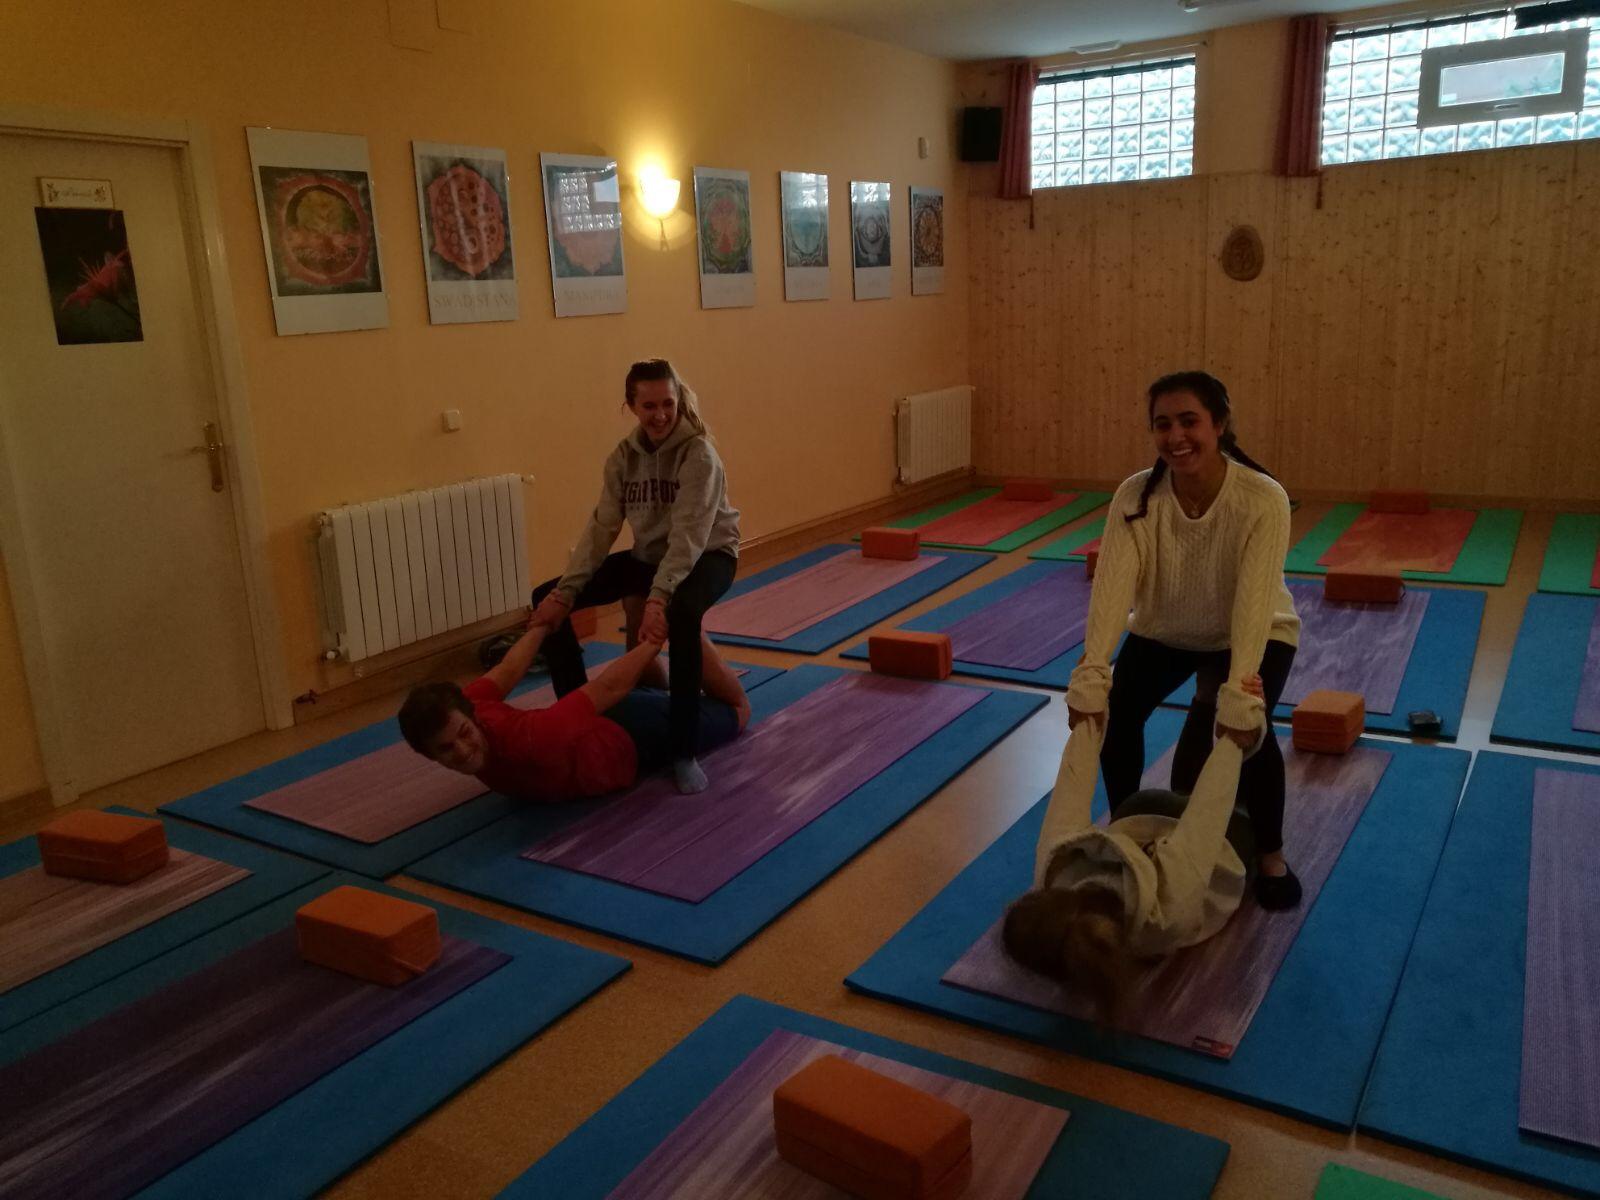 Proctor en Segovia group yoga